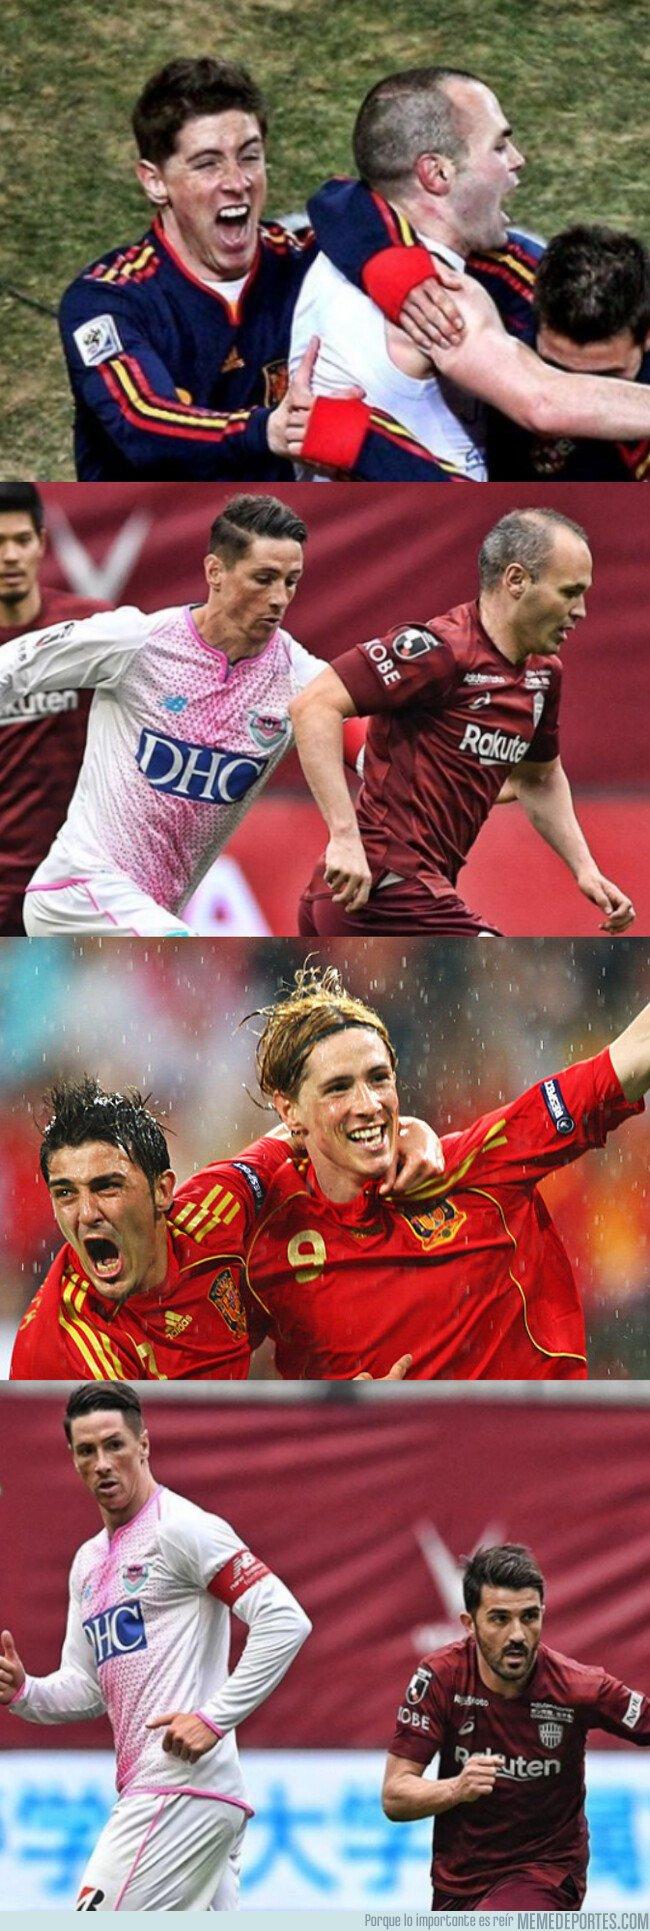 1066455 - Se han reunido 3 leyendas de nuestro fútbol